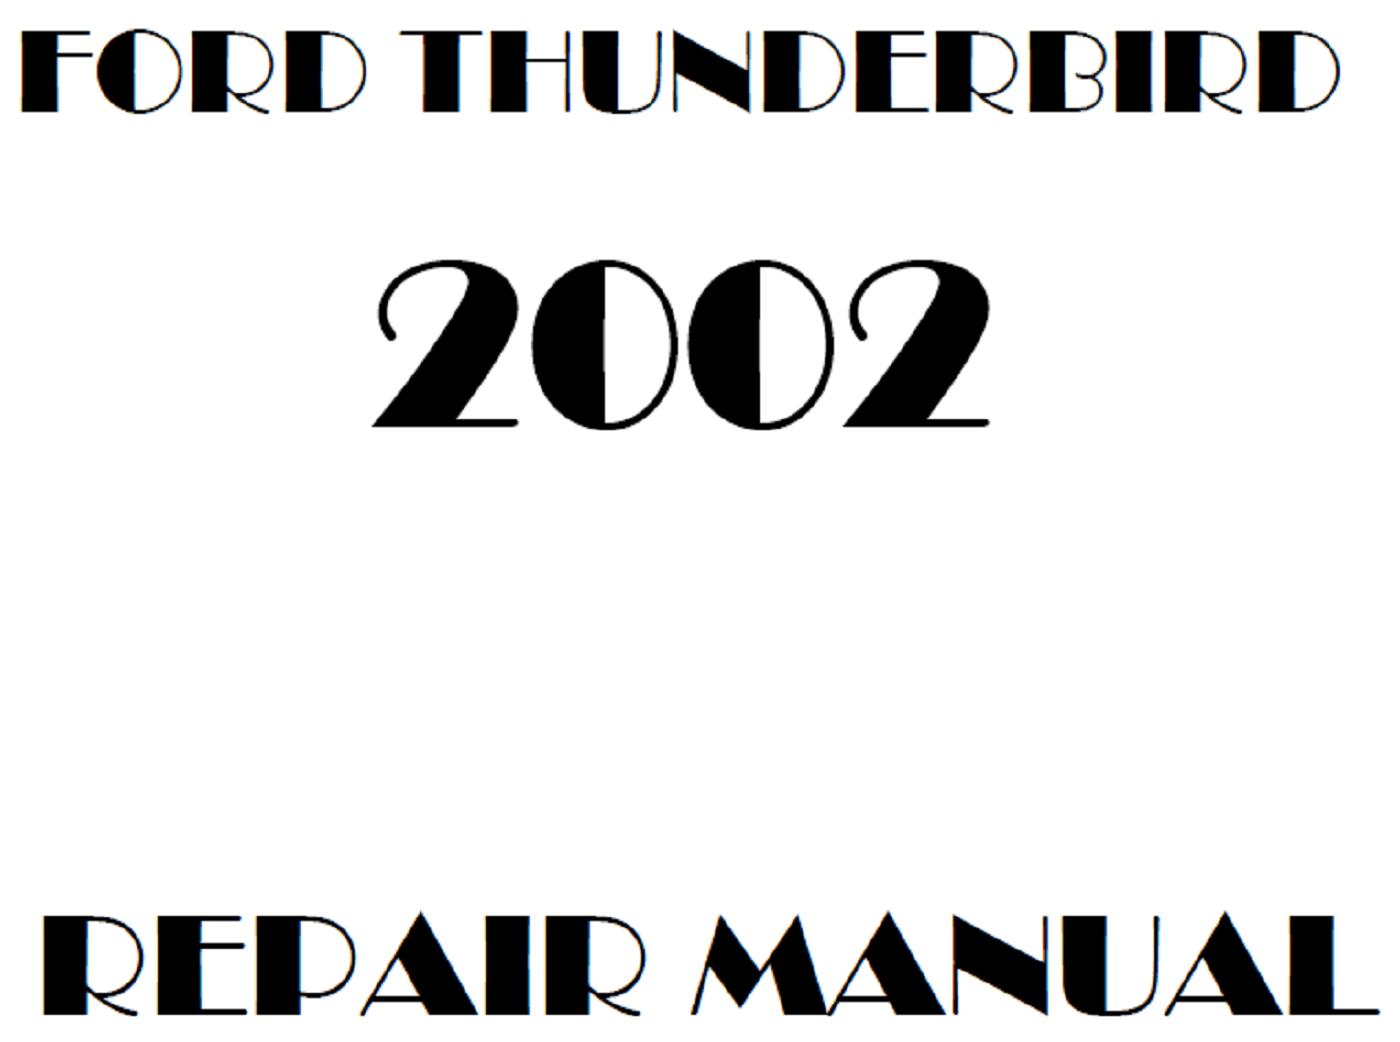 2002 Ford Thunderbird repair manual